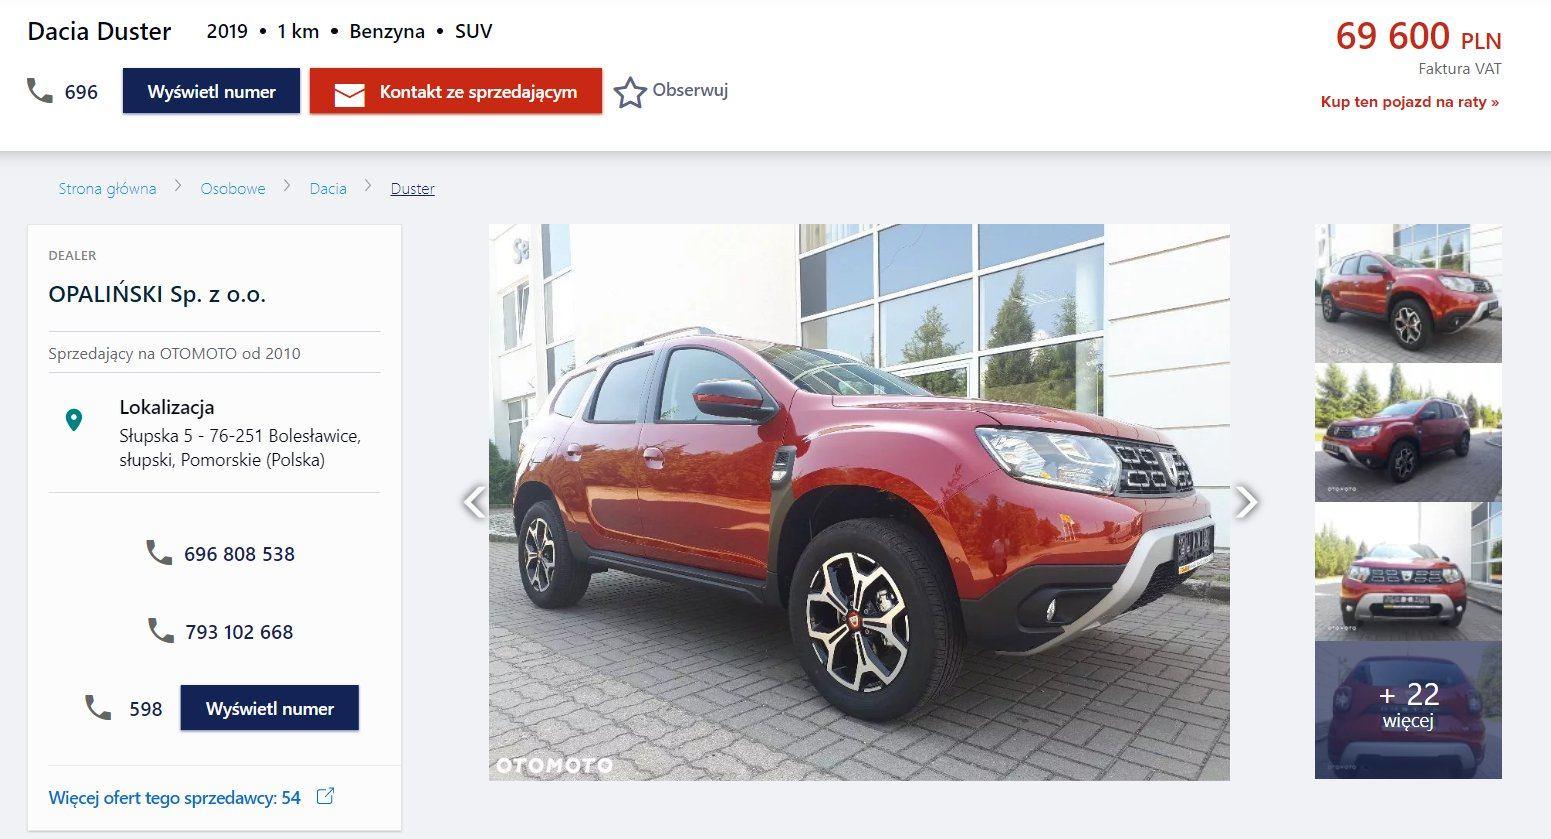 Oferta sprzedaży: Dacia Duster, źródło: OtoMoto